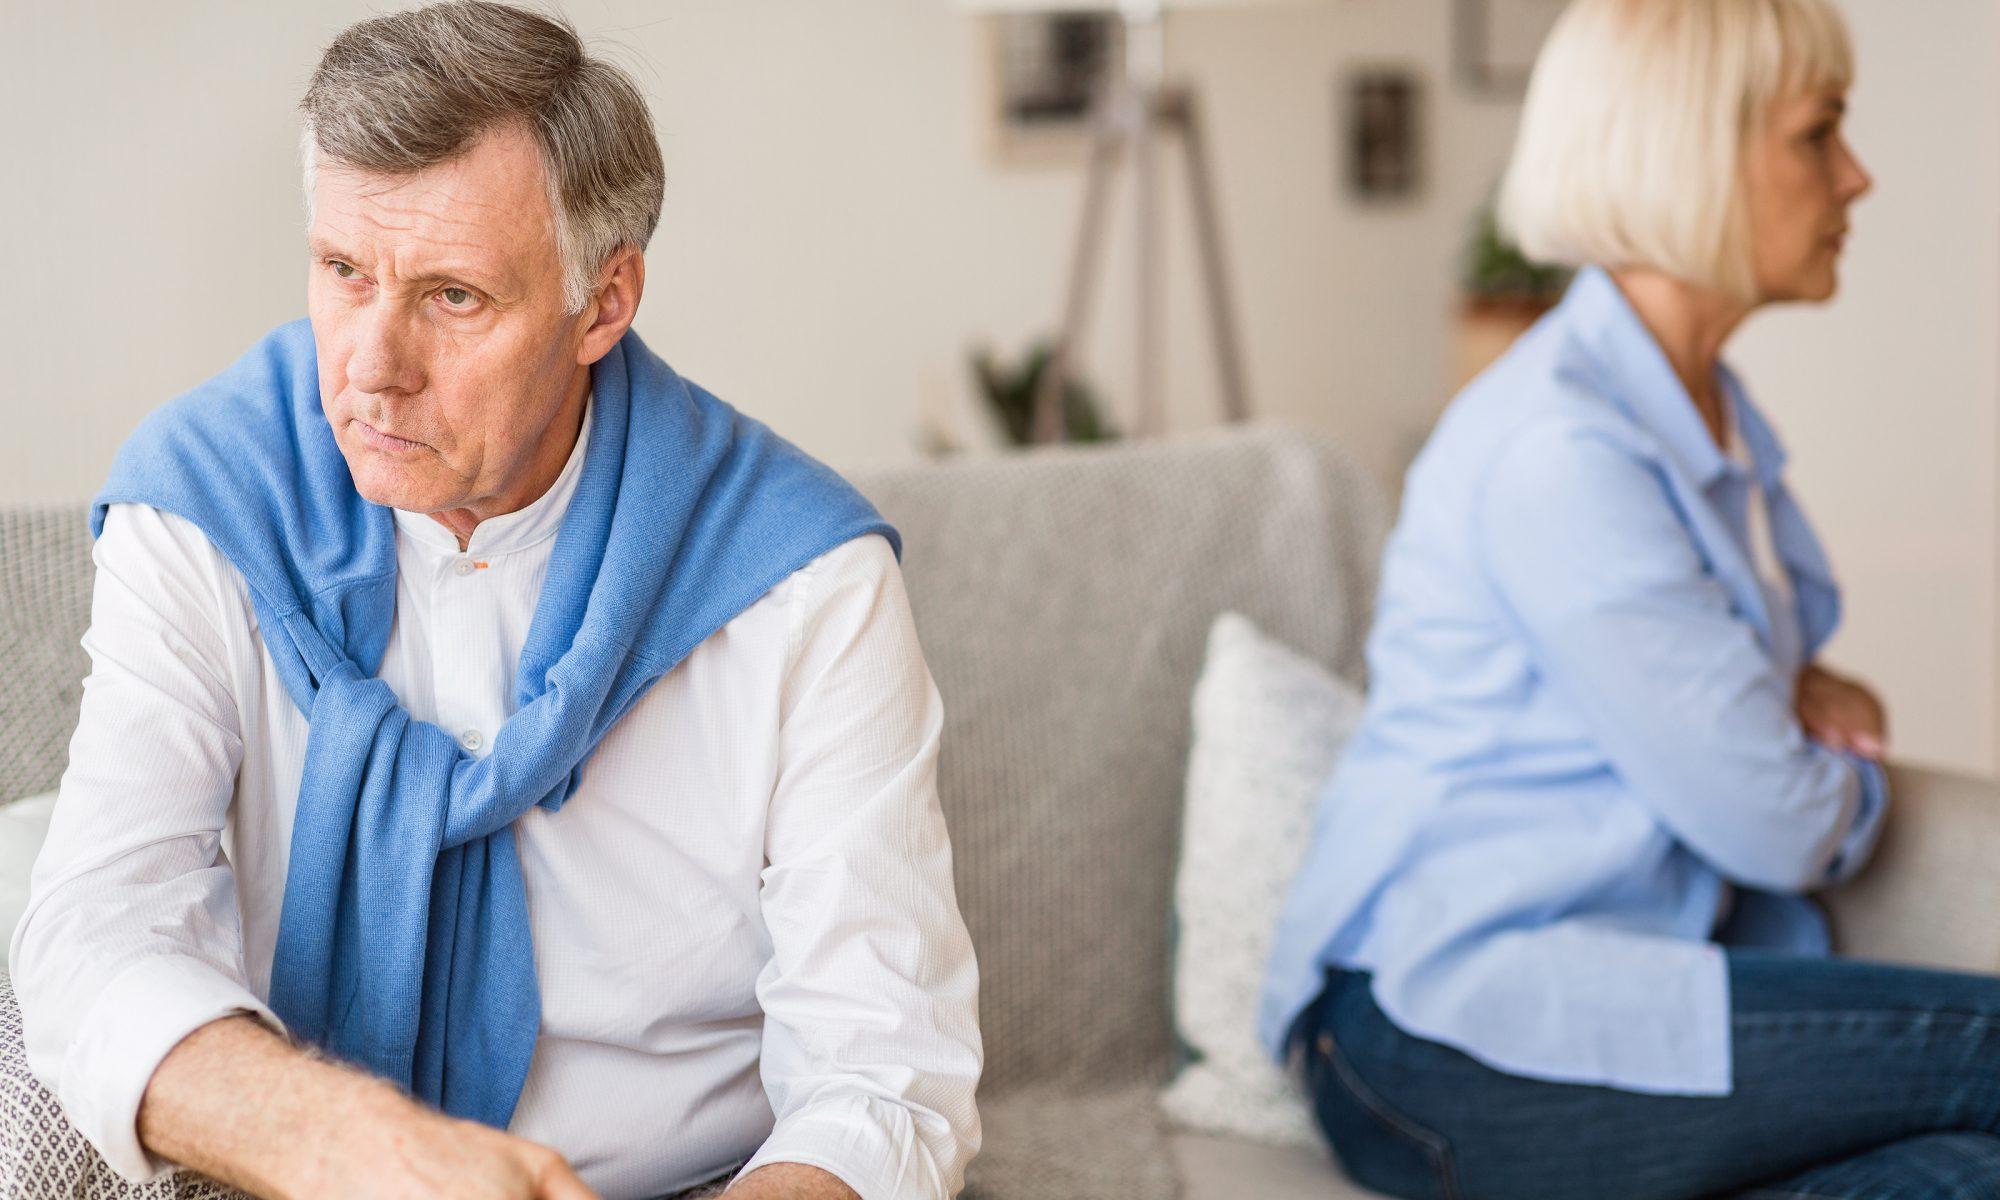 Älteres Paar hat sich schweigend voneinander abgewand und beachtet sich nicht